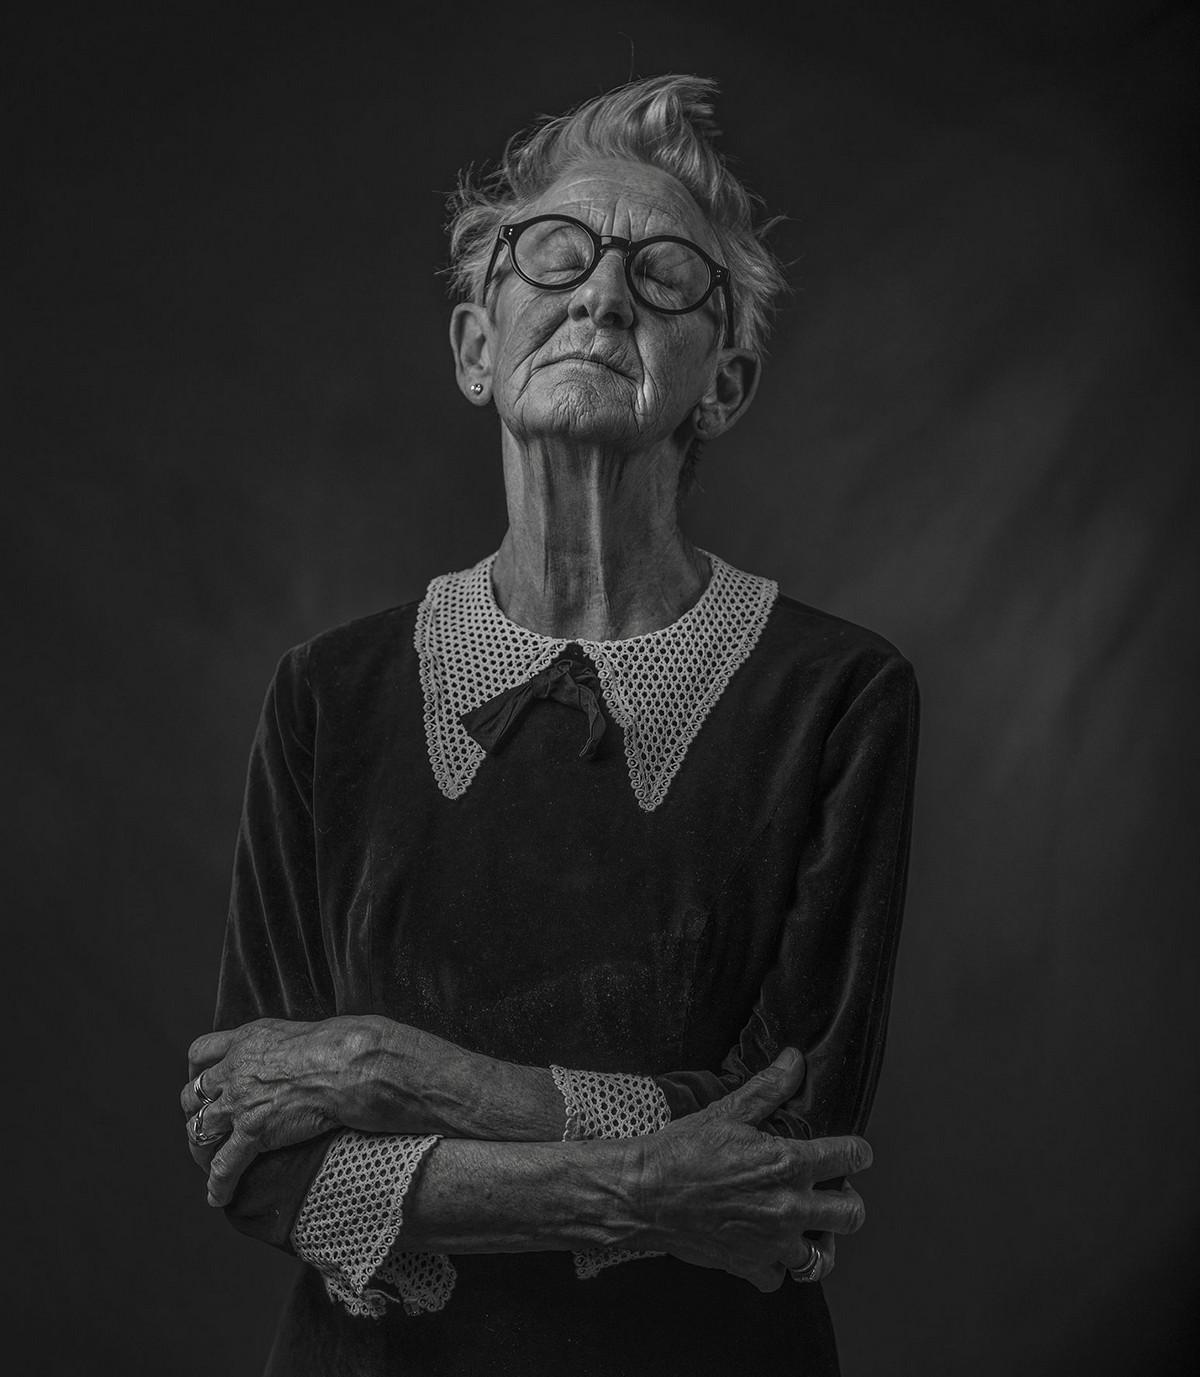 Победители фотоконкурса Siena International Photo Awards 2017 в категории «Обворожительные лица» 12